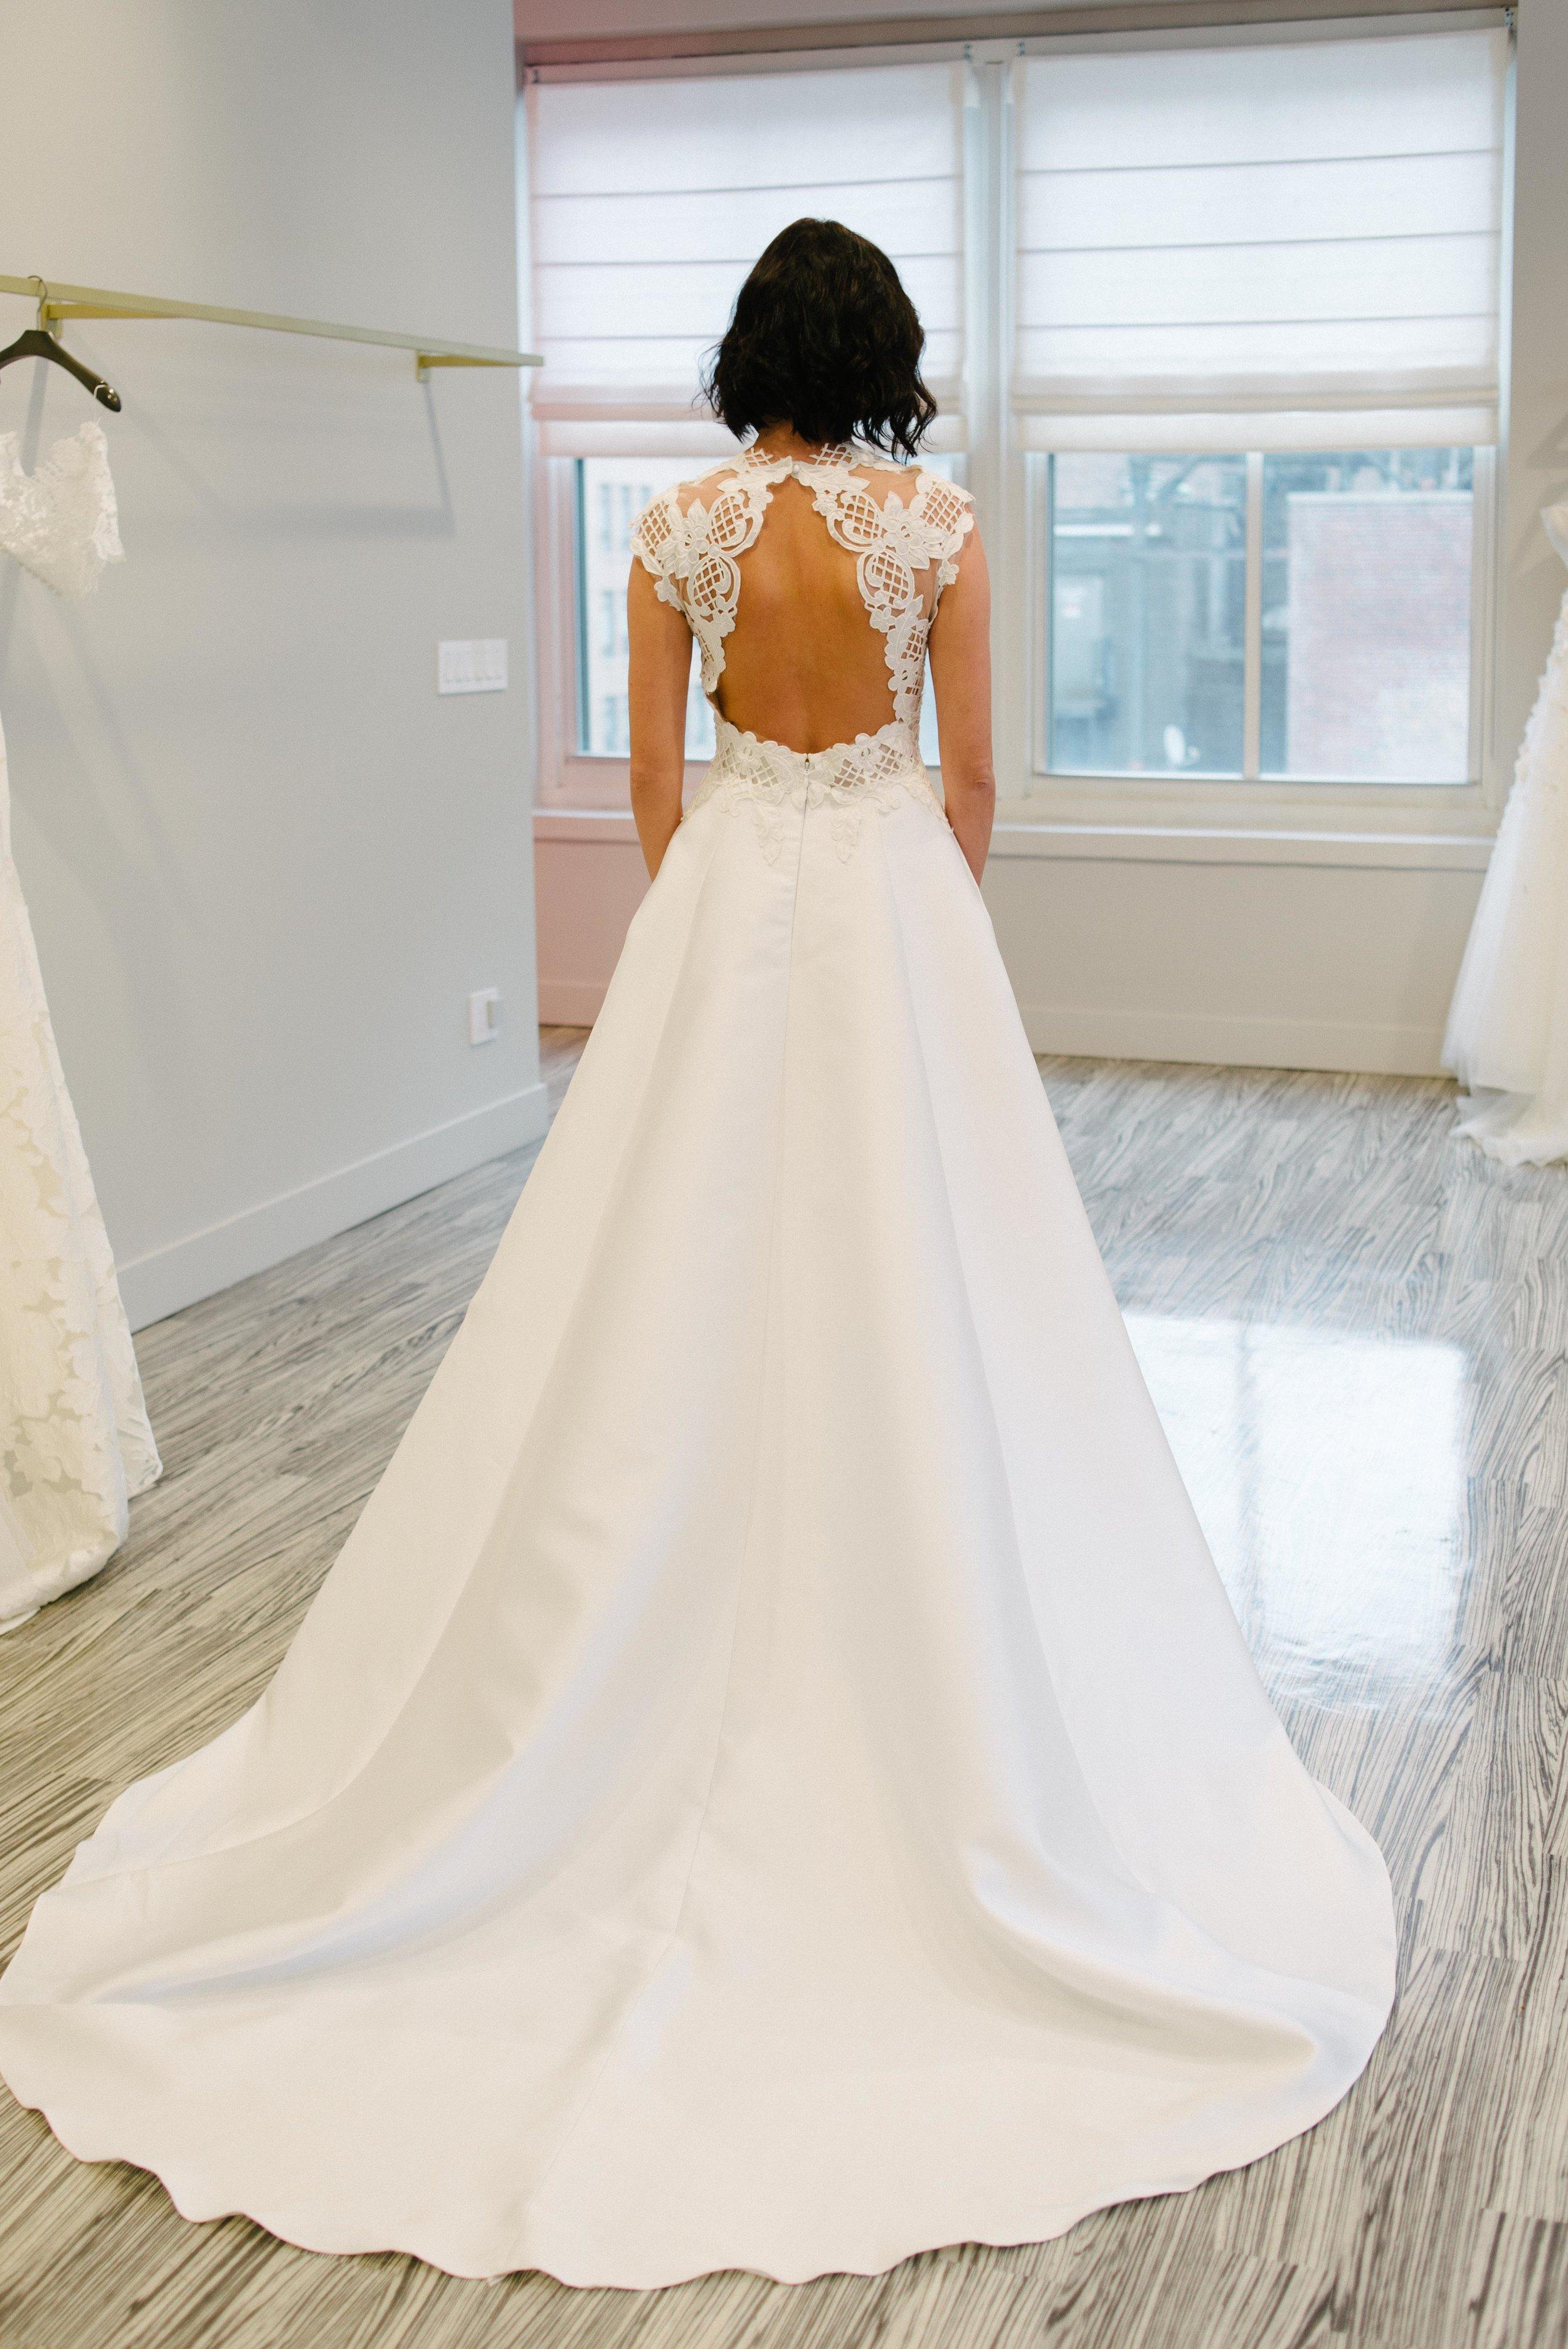 Bridal Fashion Week Trends 2019, New York Bridal Fashion Week, Bridal Market, Soft A Line